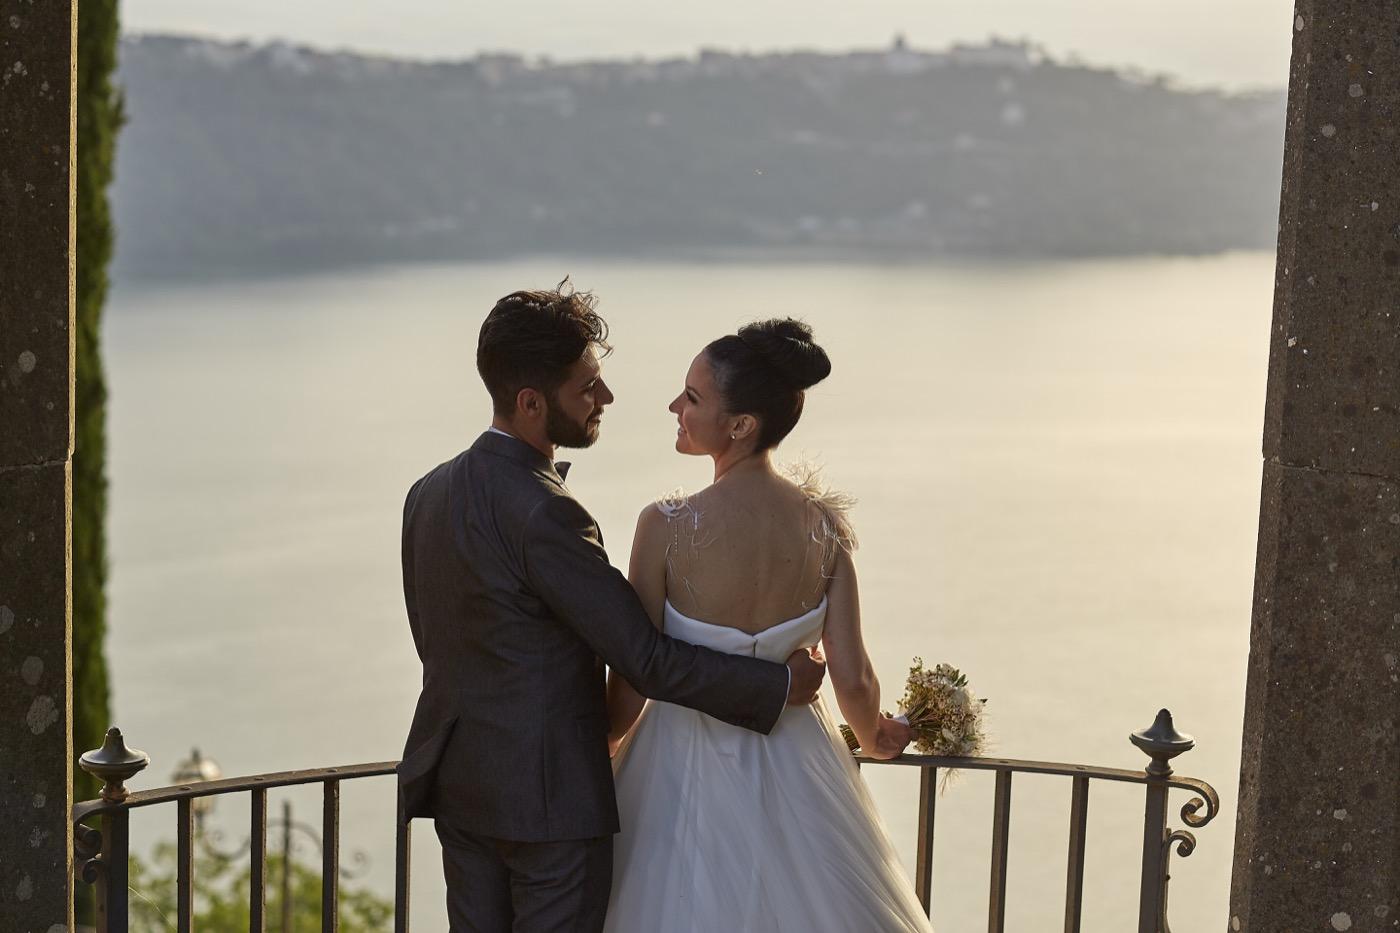 Claudio-Coppola-wedding-photographer-villa-del-cardinale-rocca-di-papa-castel-gandolfo-85